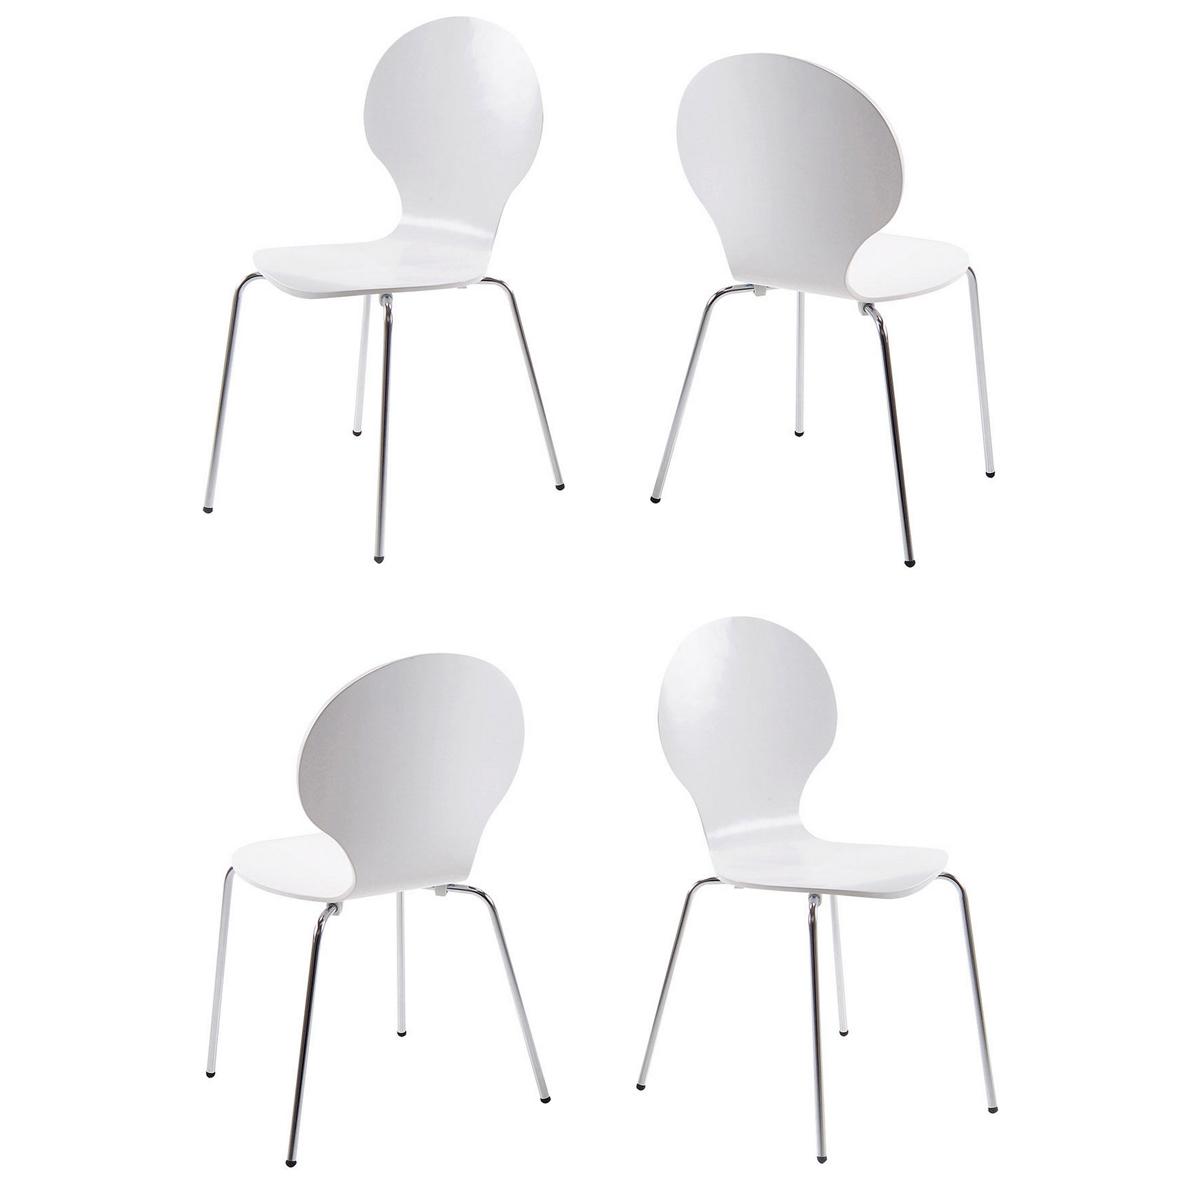 konferenzstuhl wei bestseller shop f r m bel und. Black Bedroom Furniture Sets. Home Design Ideas